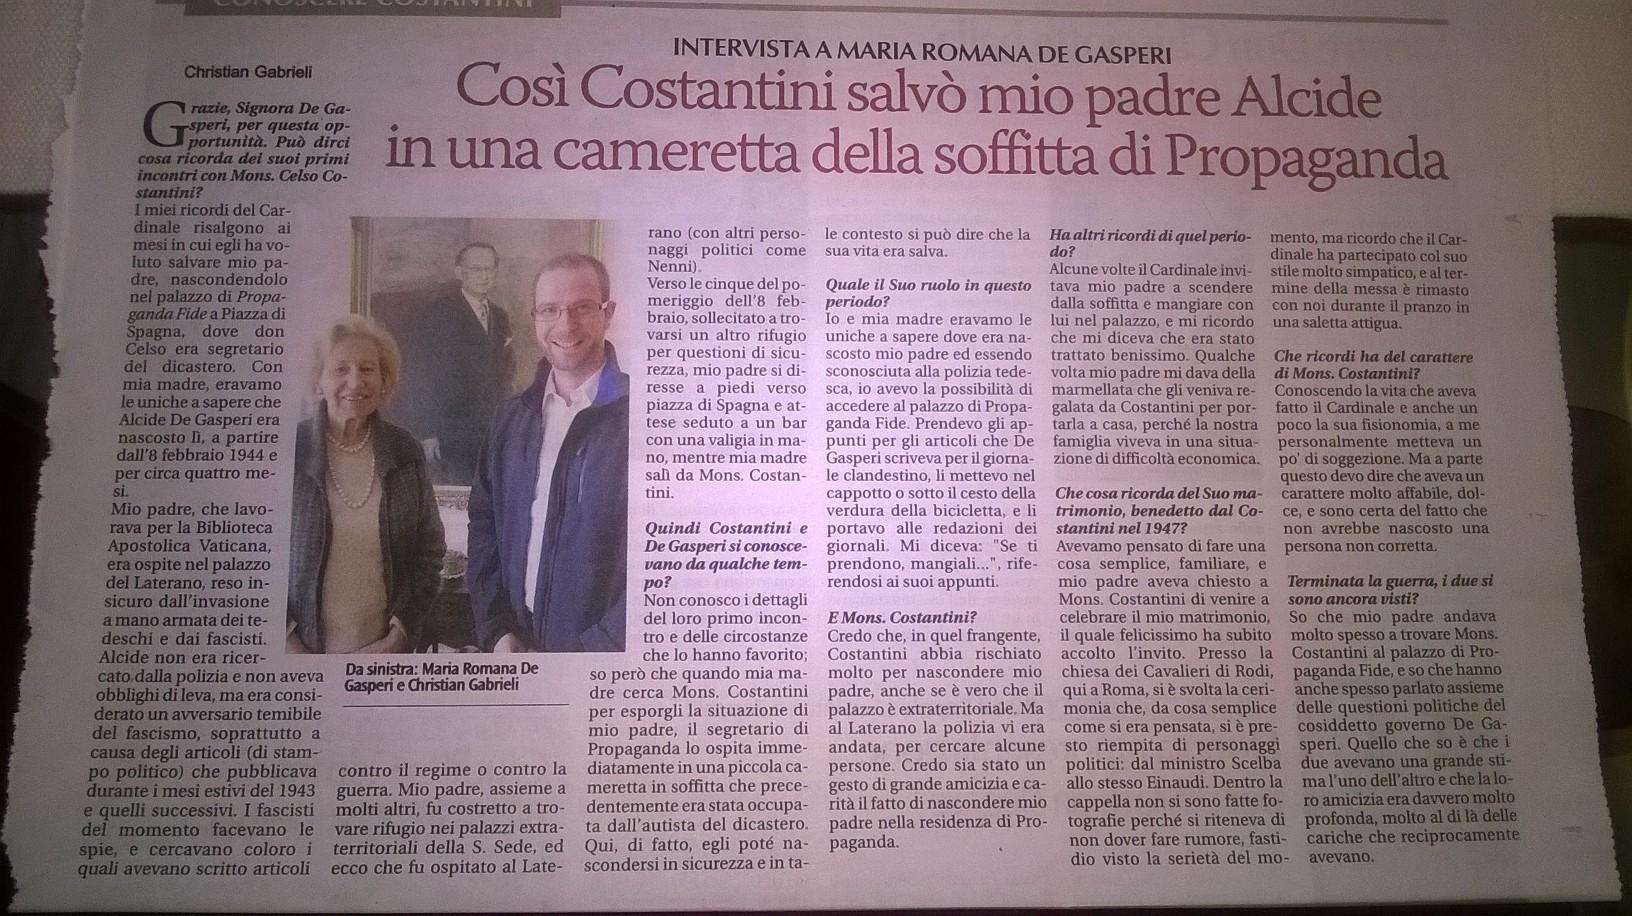 Costantini e Alcide De Gasperi